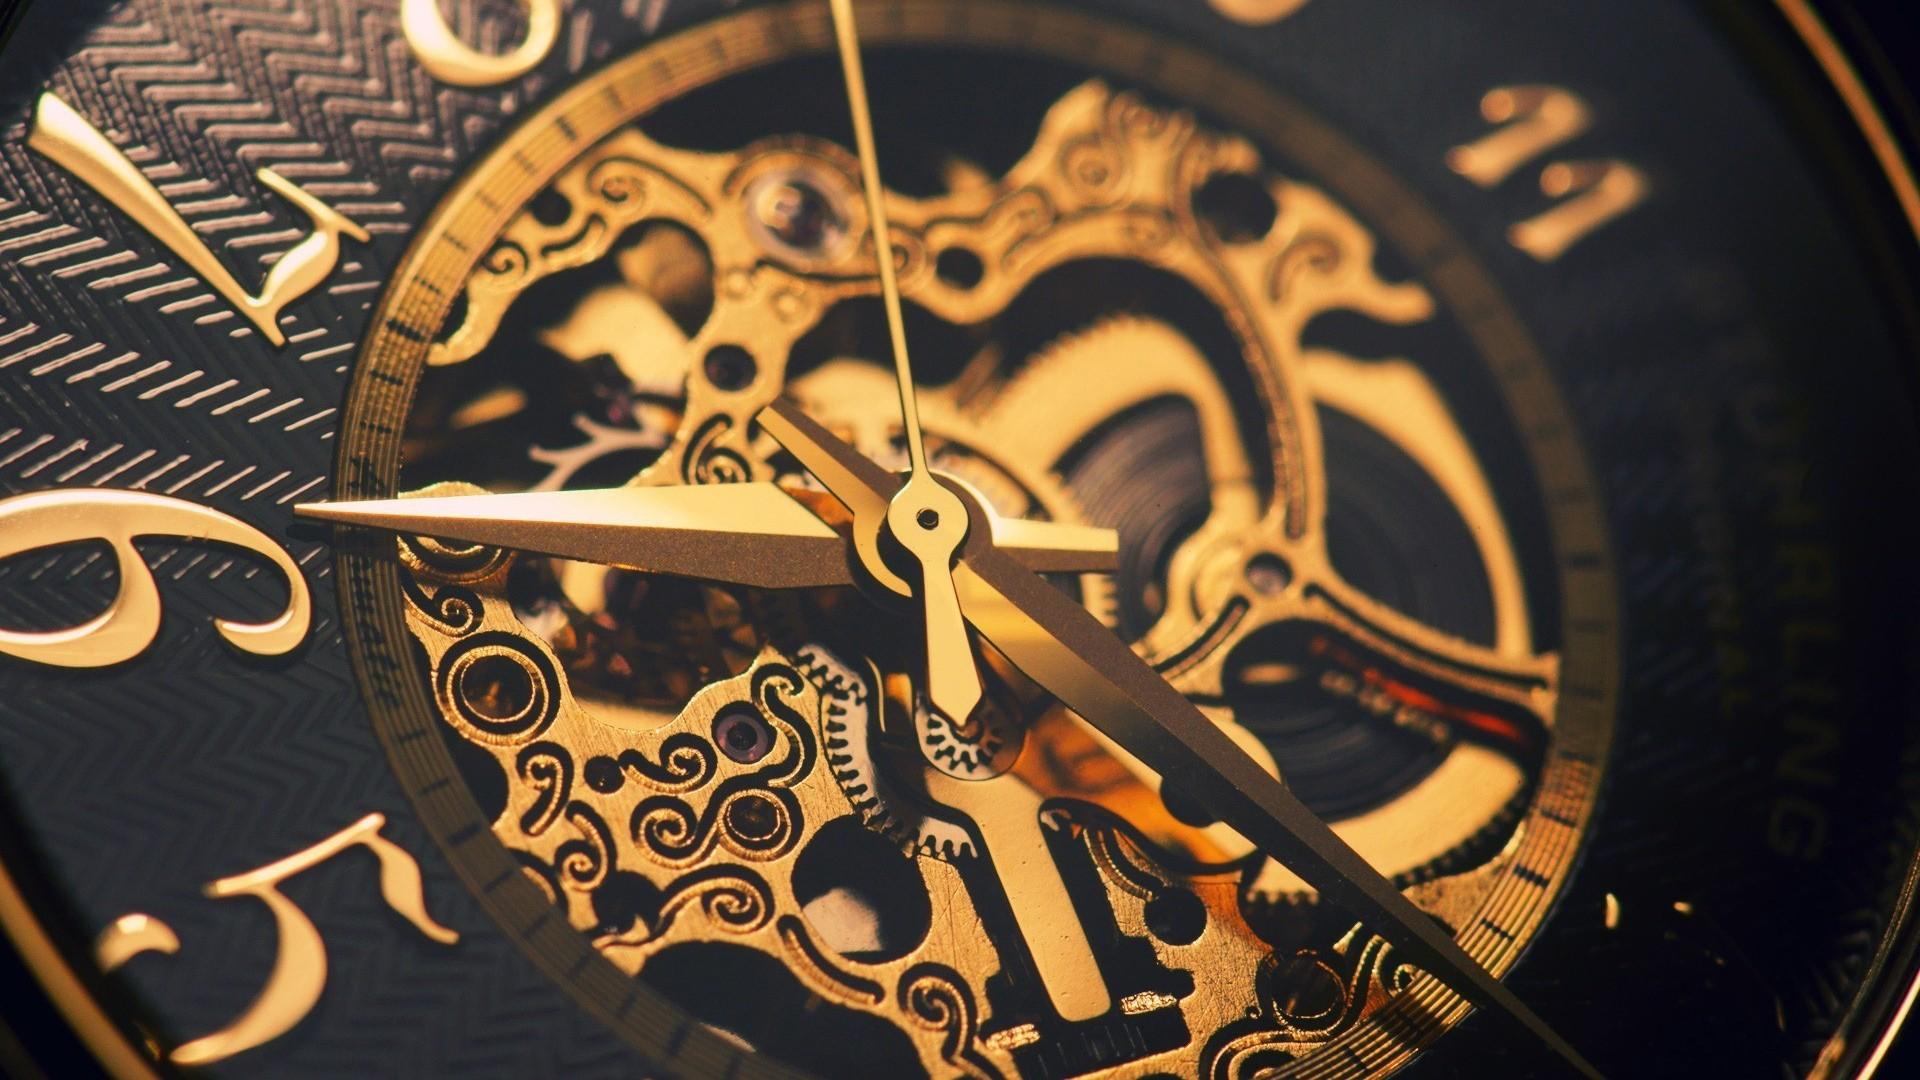 Time Wallpaper theme